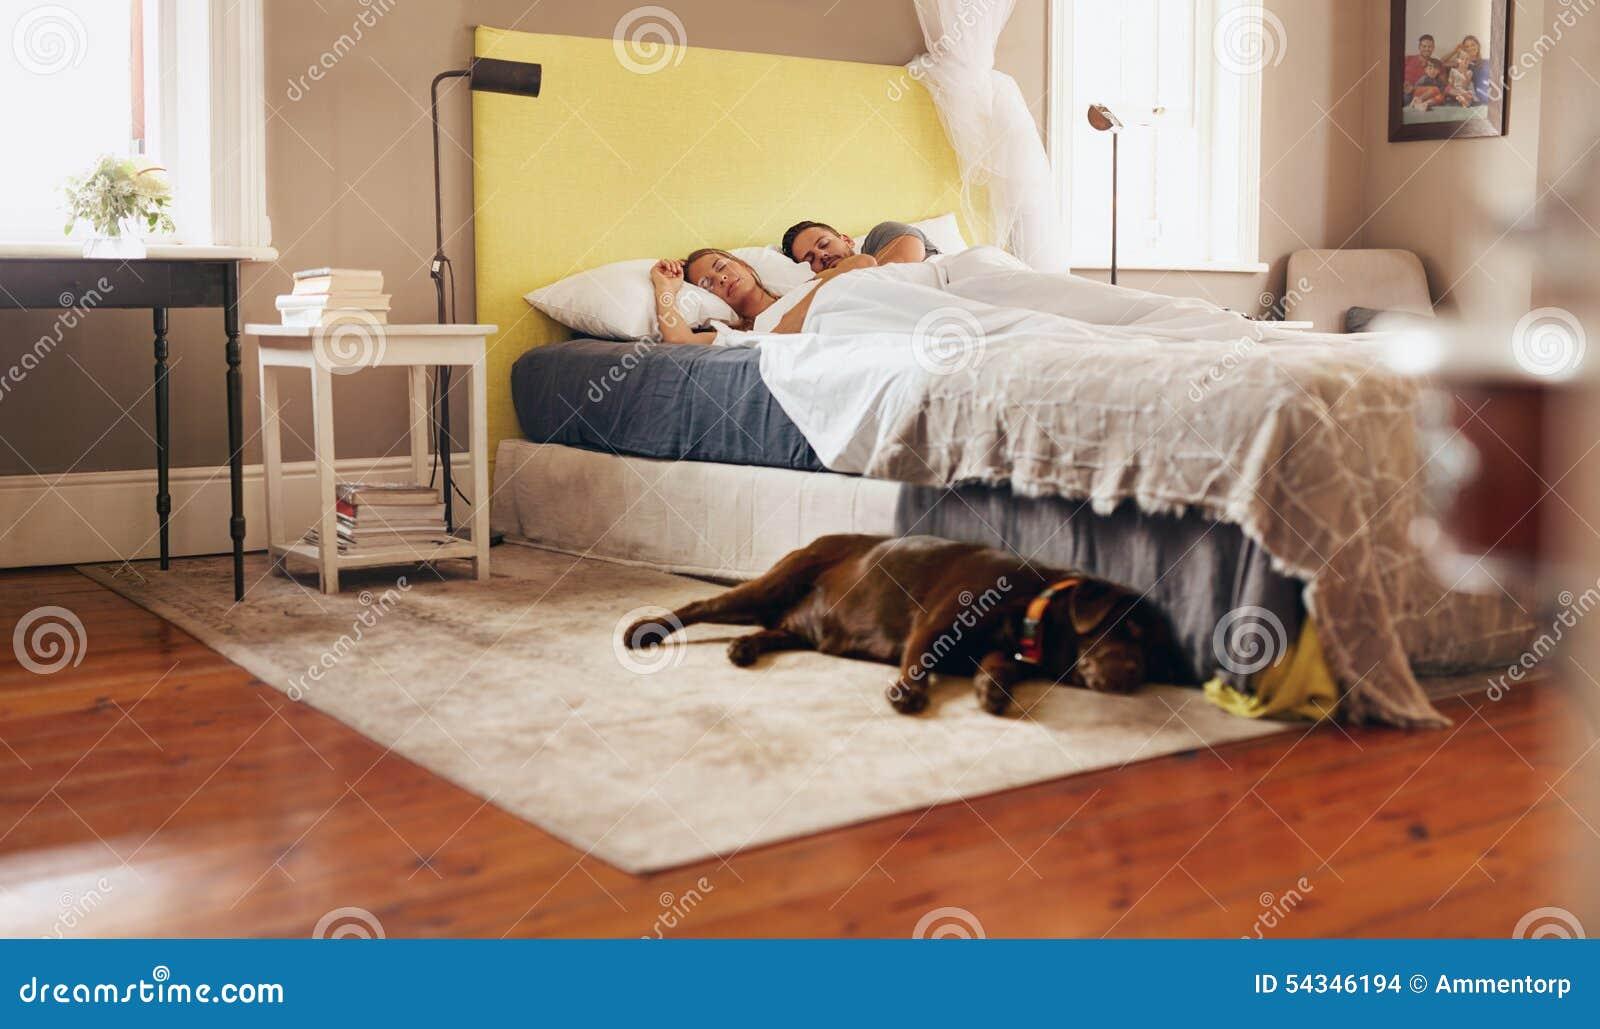 junge paare die bequem auf bett mit hund auf boden schlafen stockfoto bild von mann leben. Black Bedroom Furniture Sets. Home Design Ideas